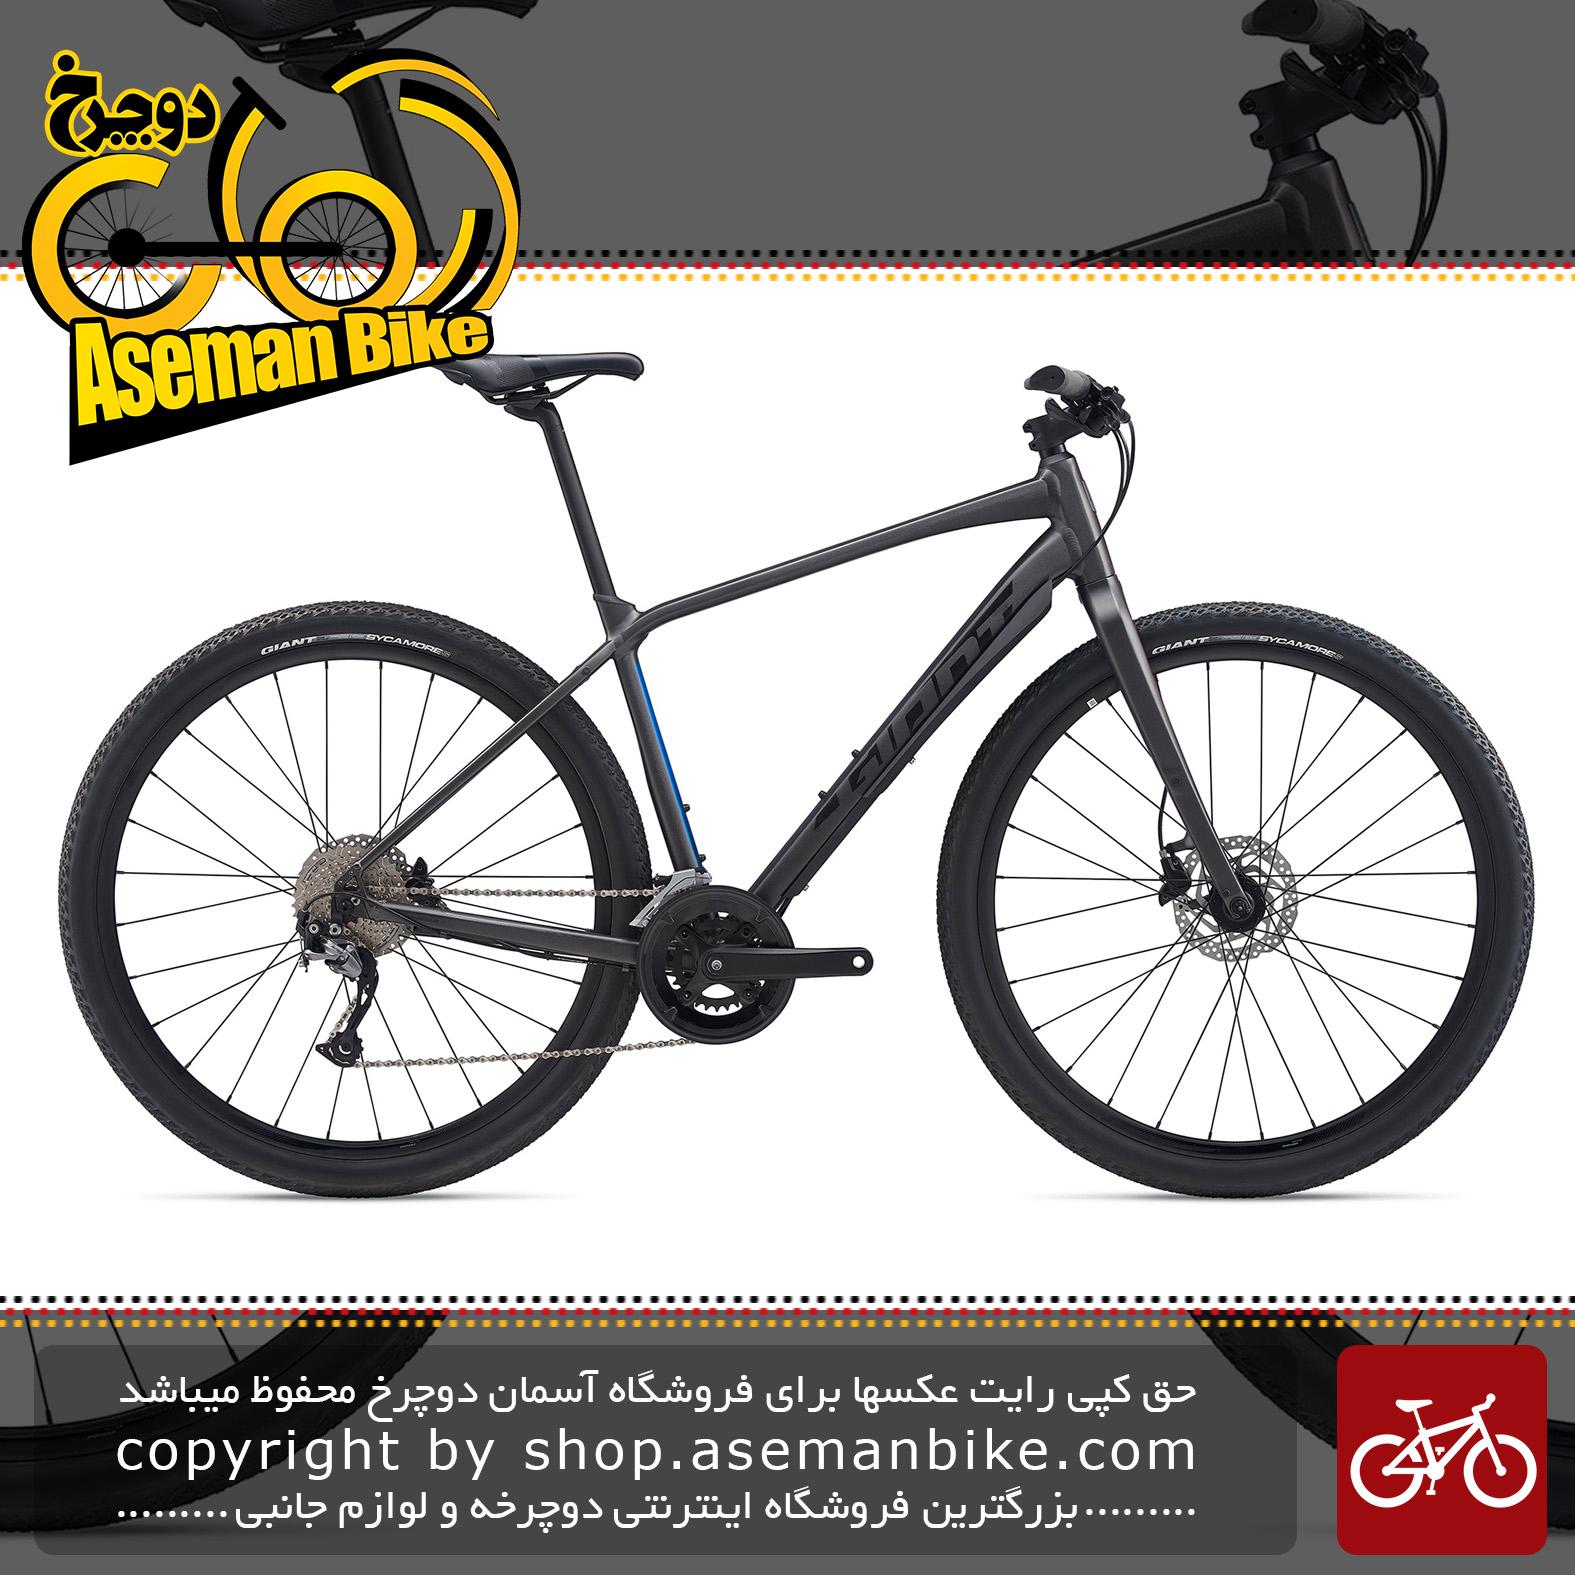 دوچرخه شهری توریستی جاینت مدل تافروود اس ال آر 2 2020 Giant Adventure Bicycle ToughRoad SLR 2 2020